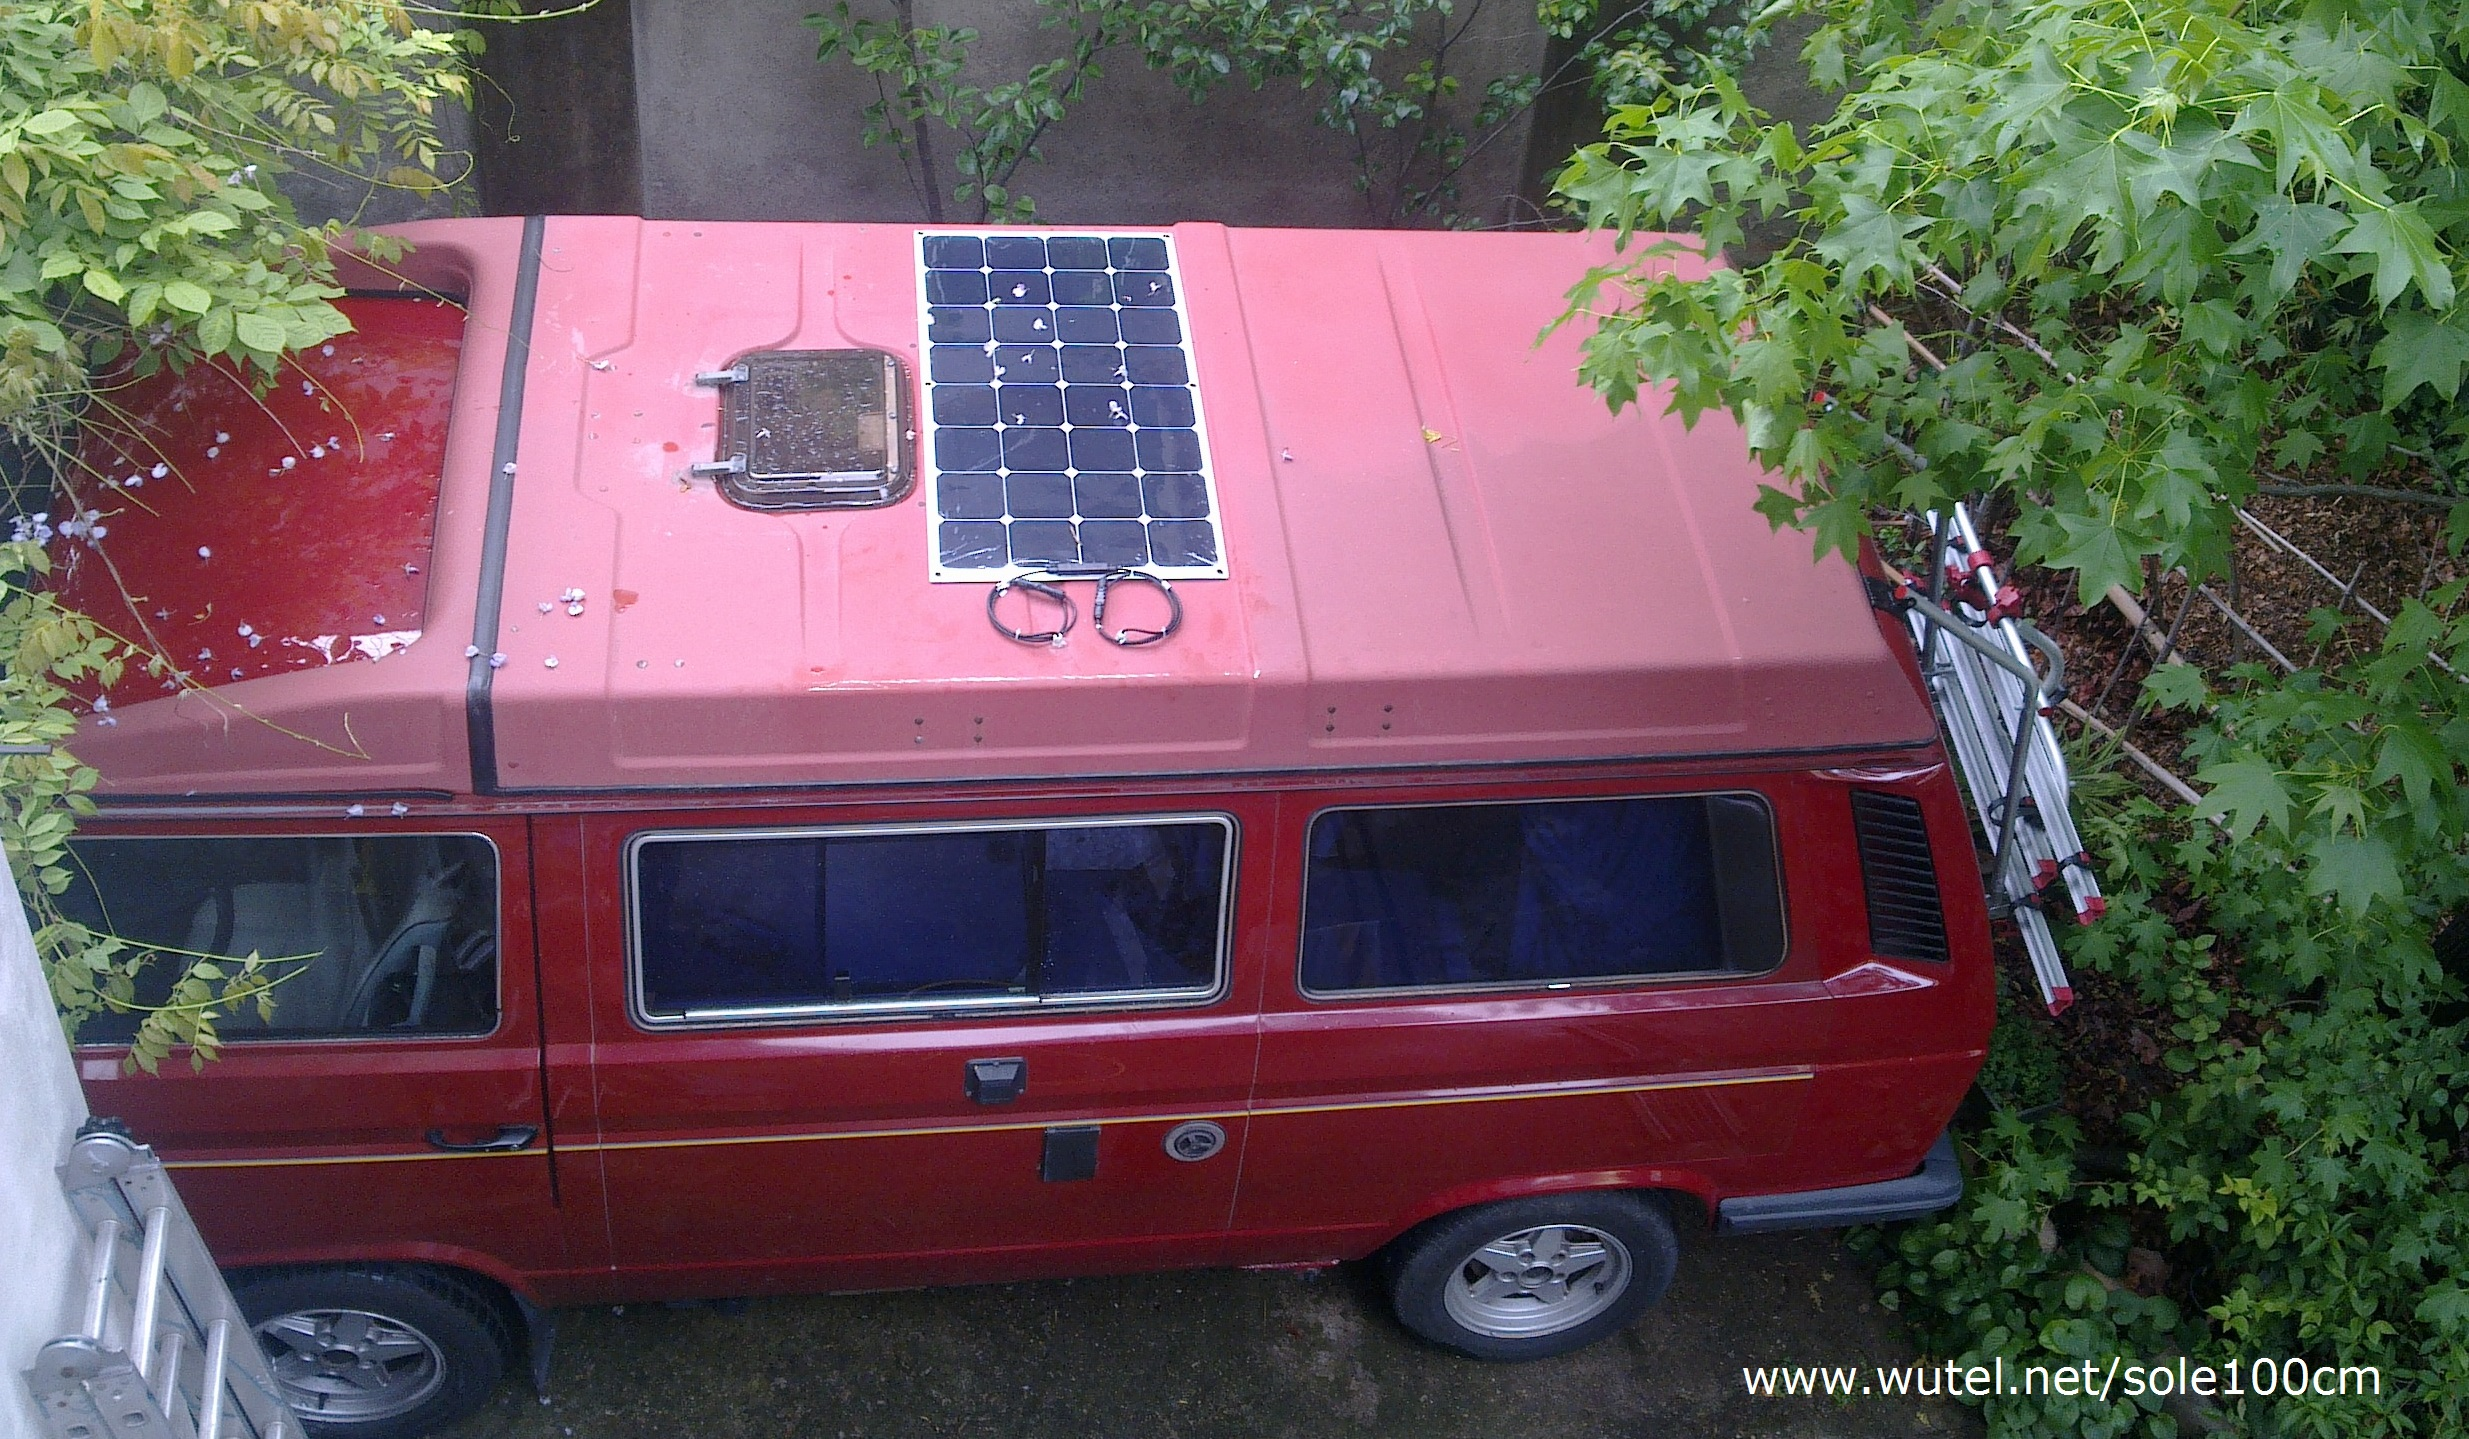 Pannello Solare Per Vw California : Wutel fotovoltaico portatile